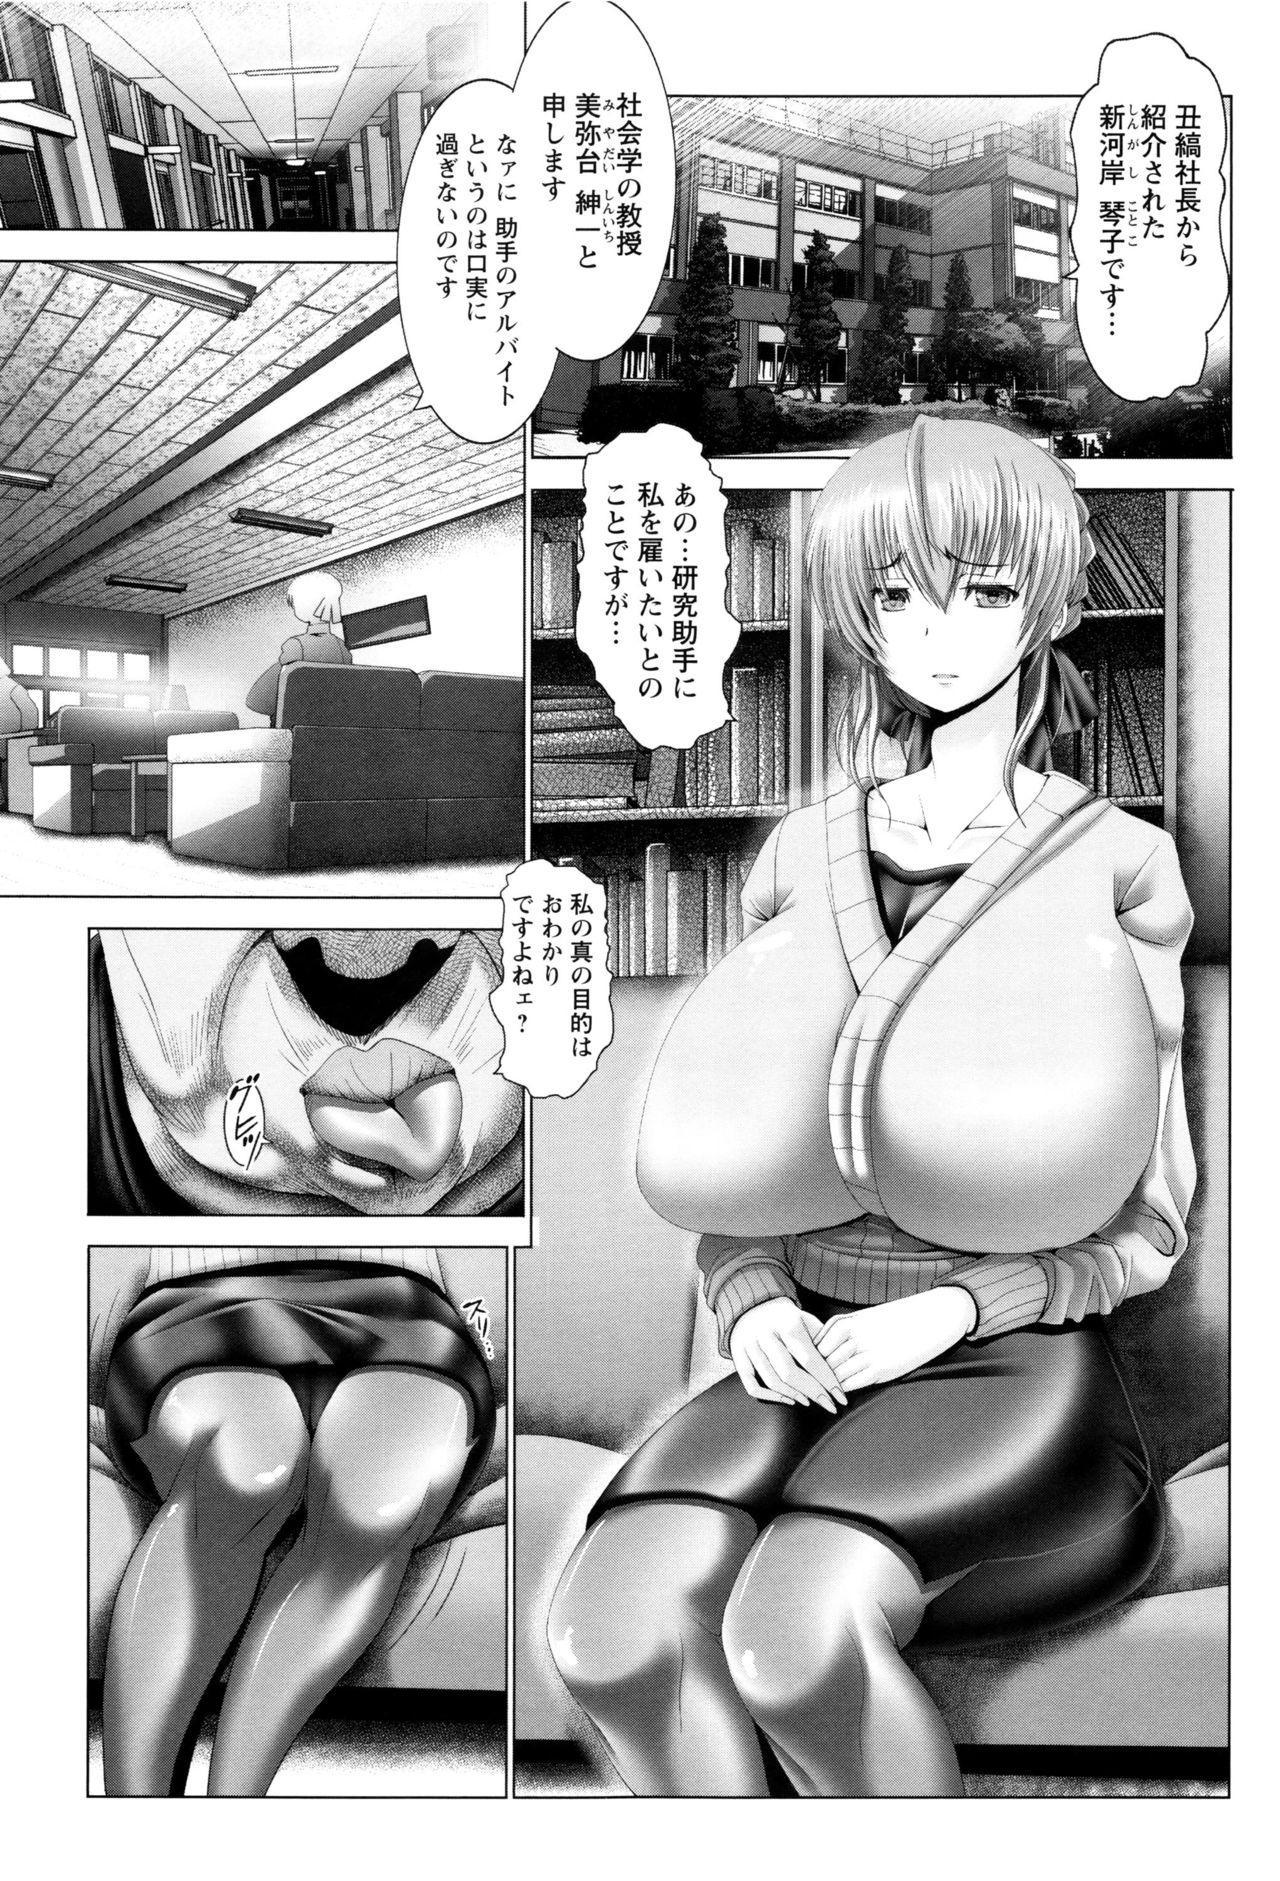 Kotoko wa Isshou Yokkyuufuman 53